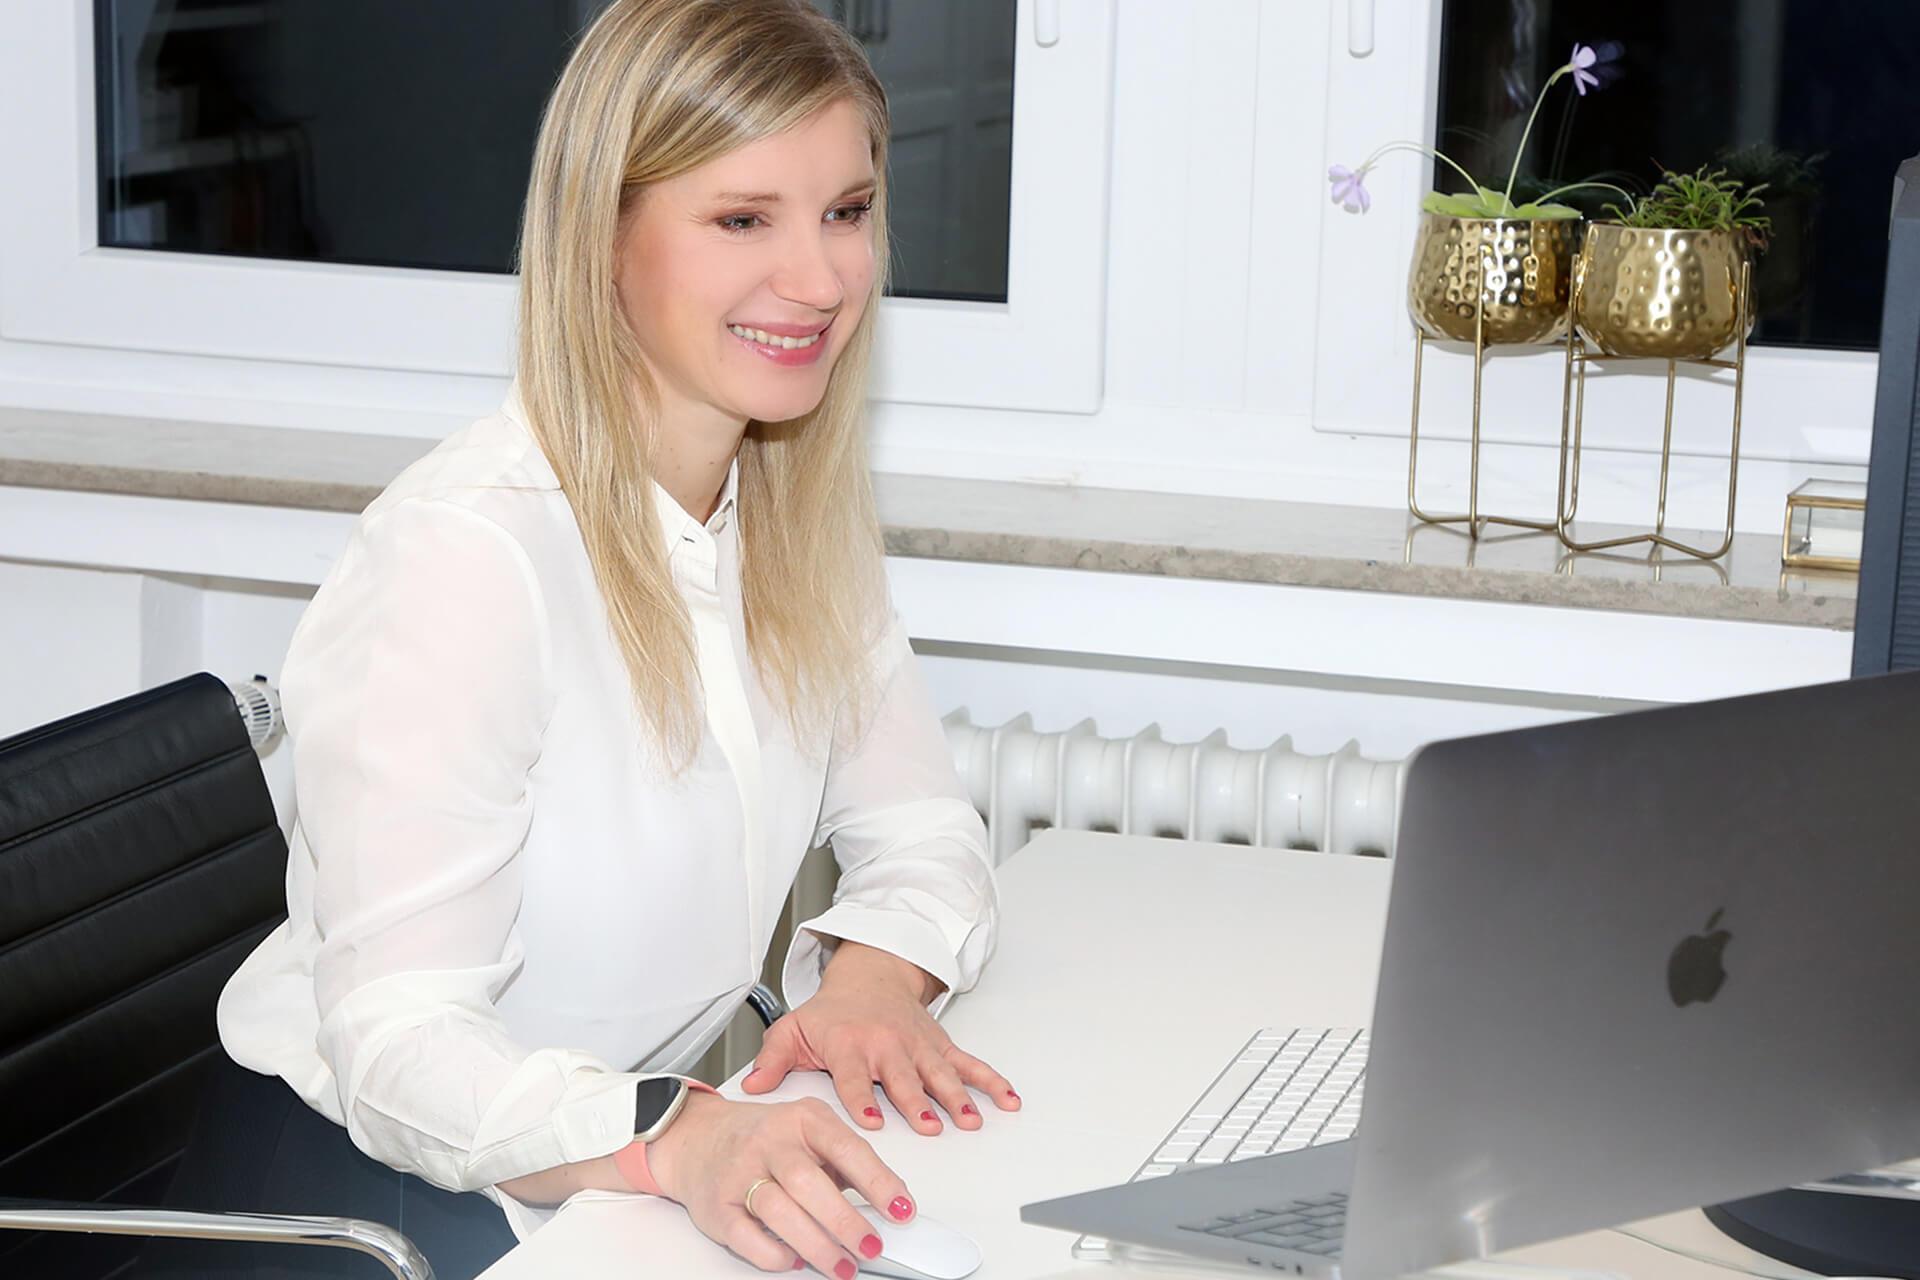 Nicole Erfen am Schreibtisch Grafikdesign